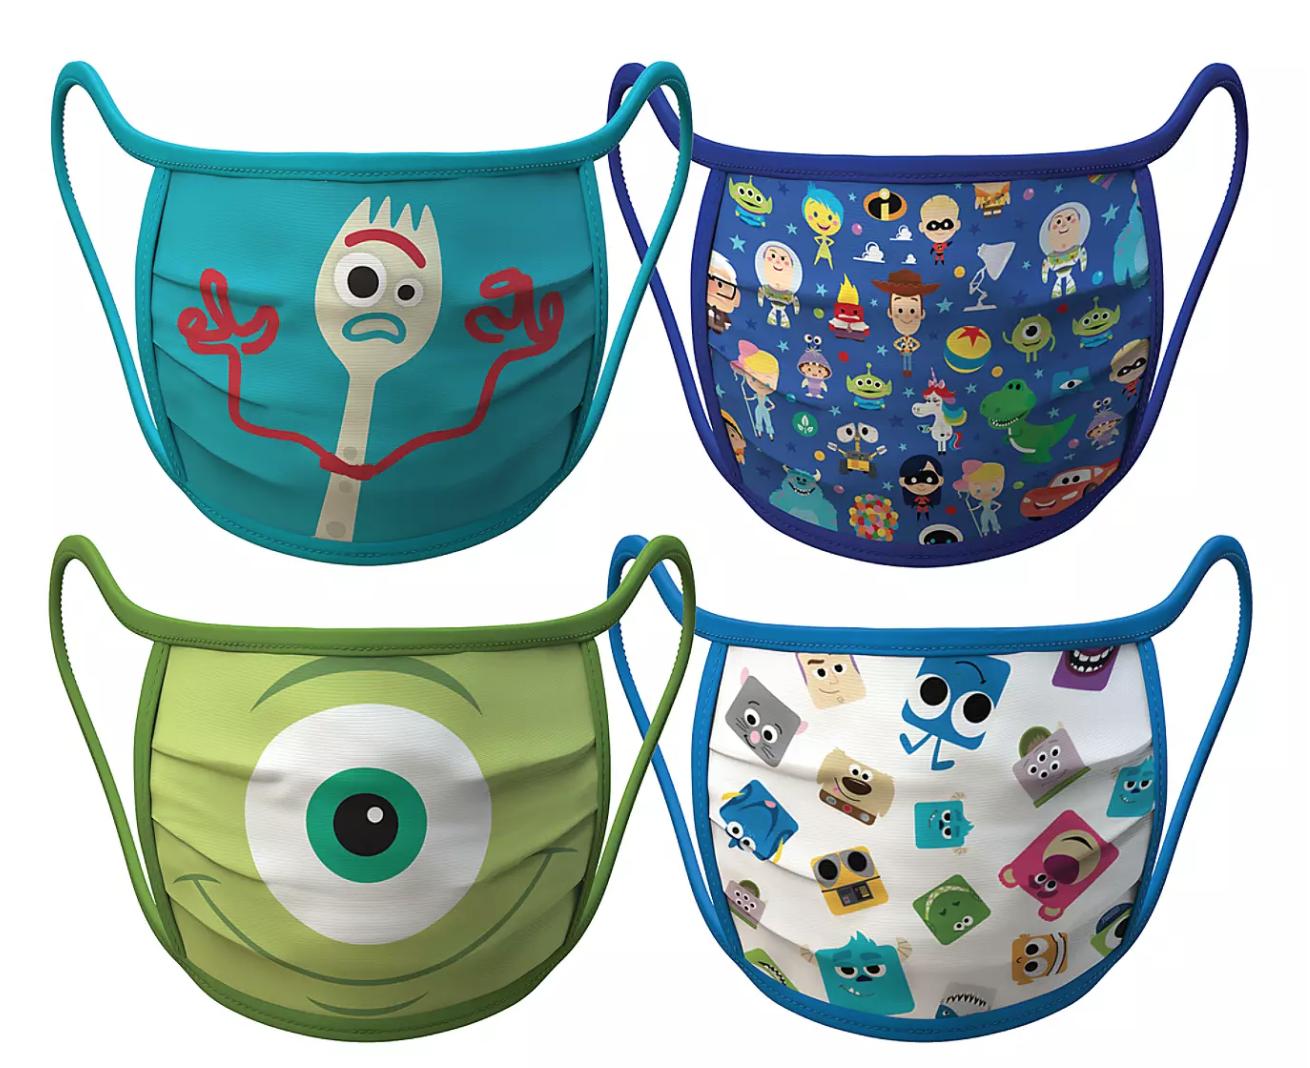 Pixar masks